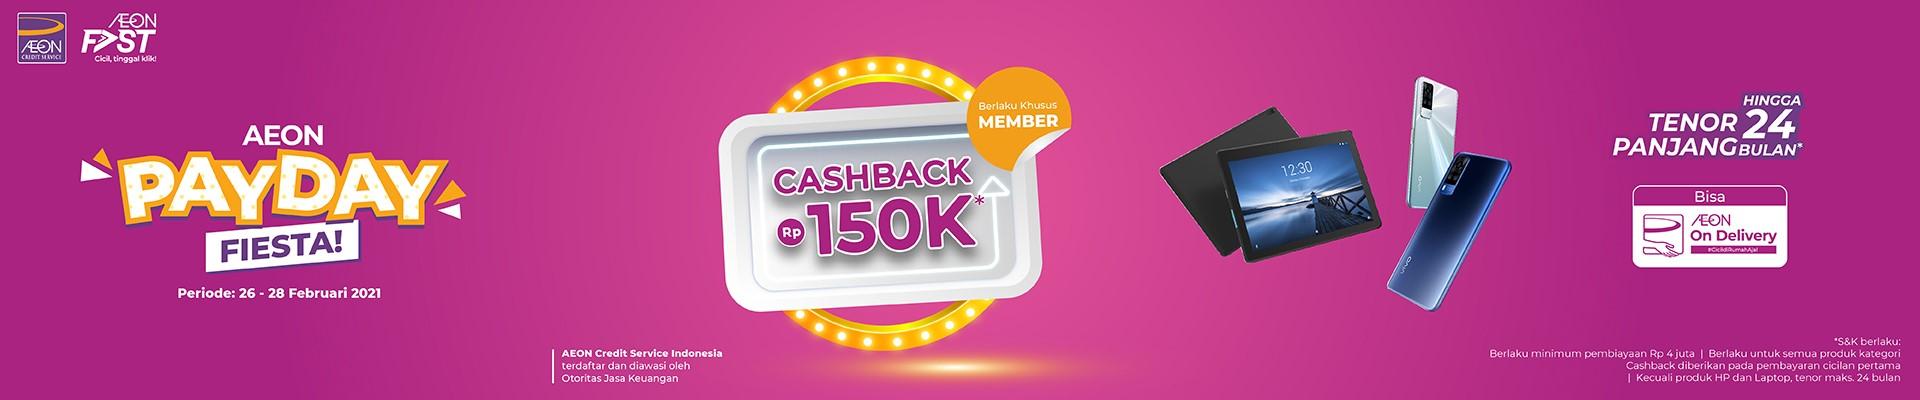 Ajukan dan Dapatkan Cashback AEON PayDay Fiesta Rp 150RIBU sampai dengan 28 Februari 2021